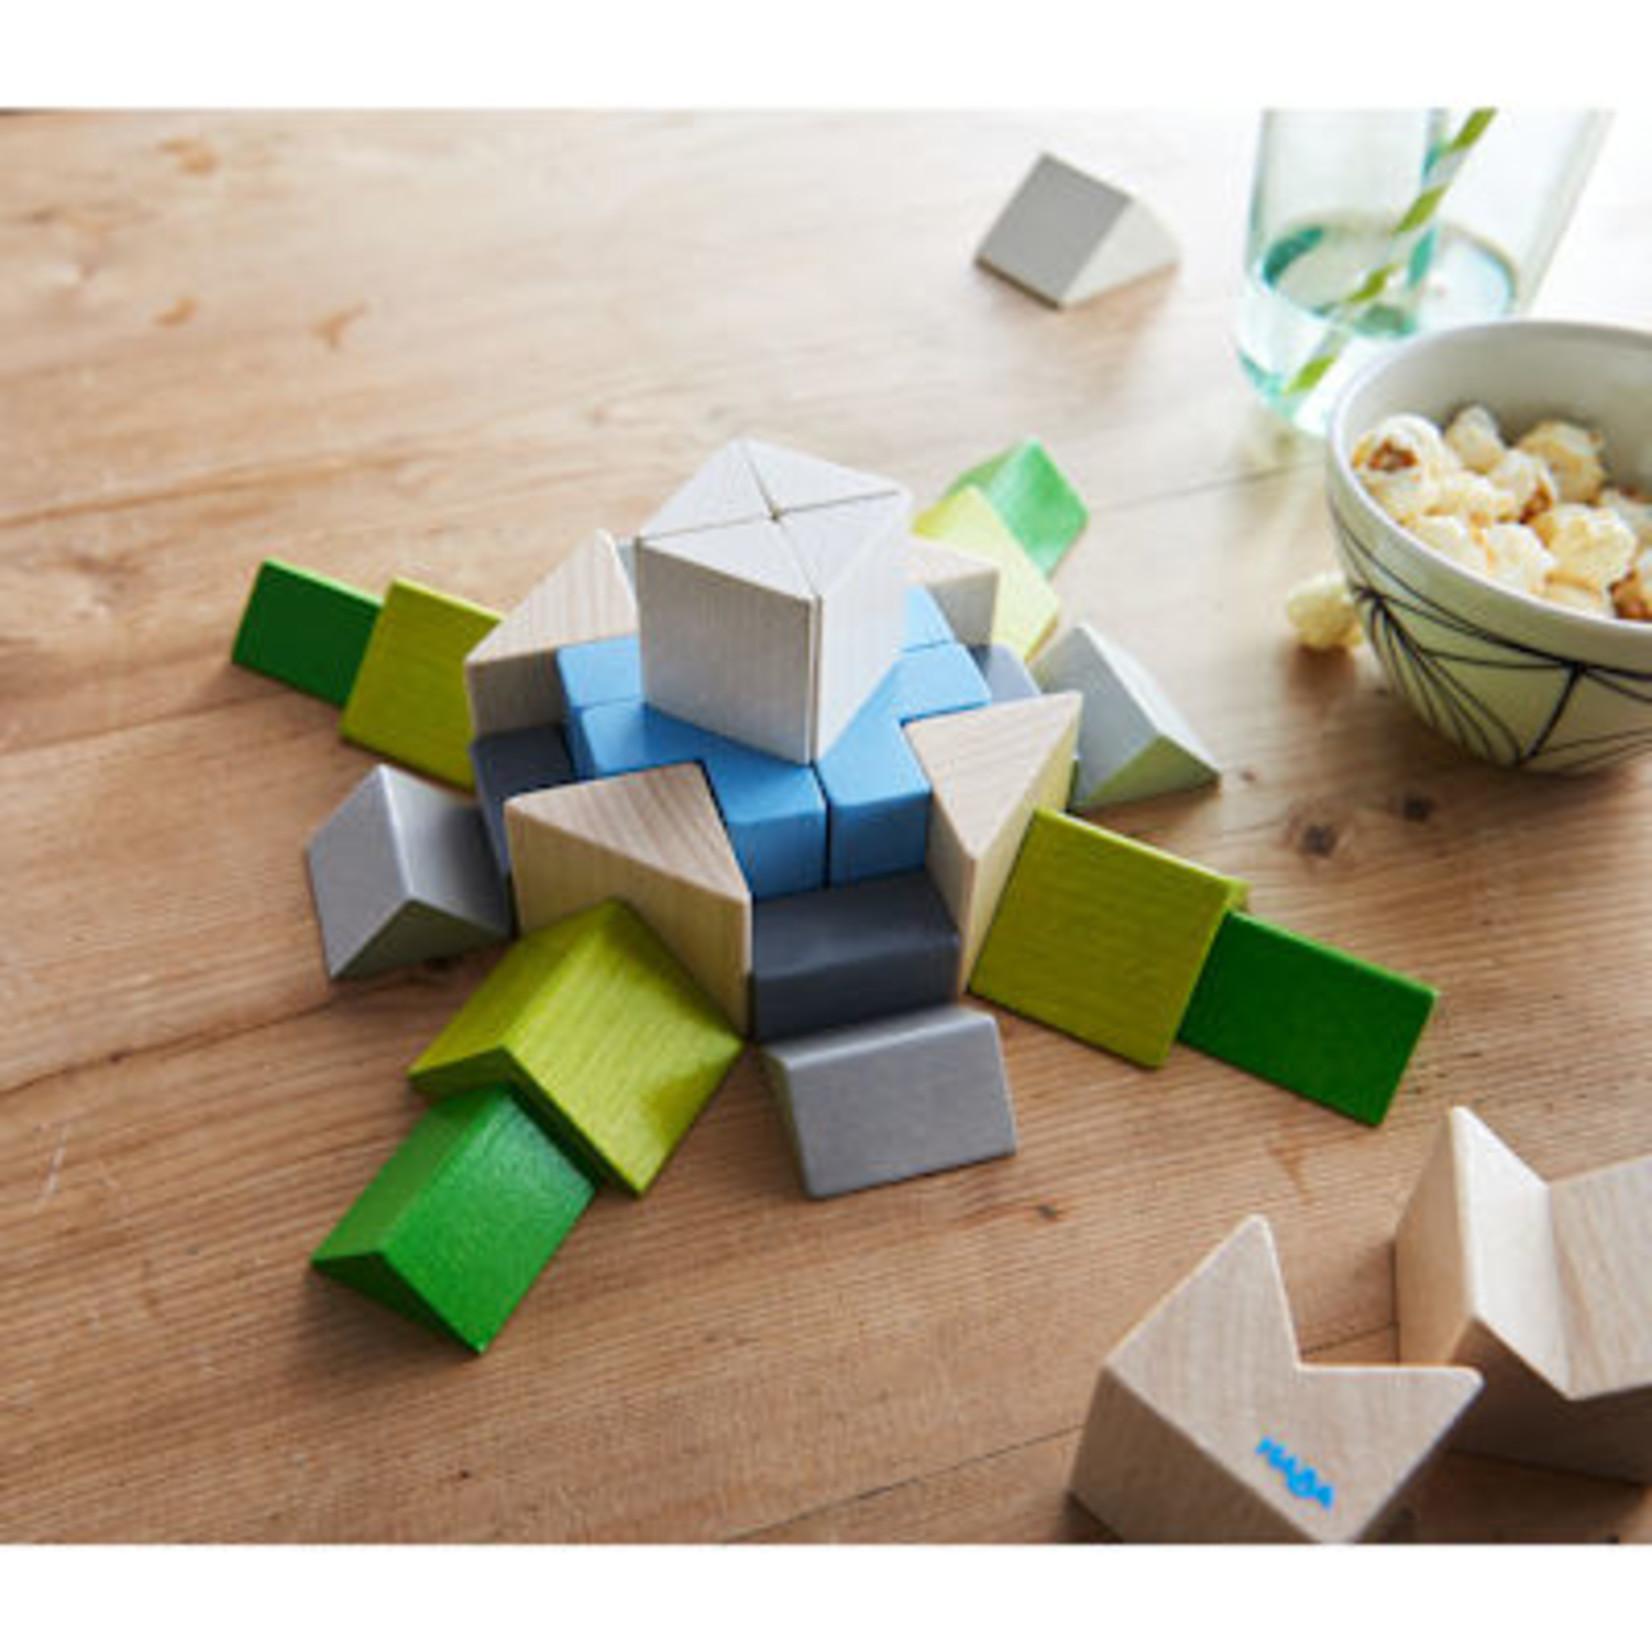 Haba 3D Compositie legspel Blokkenmozaïk Nordic